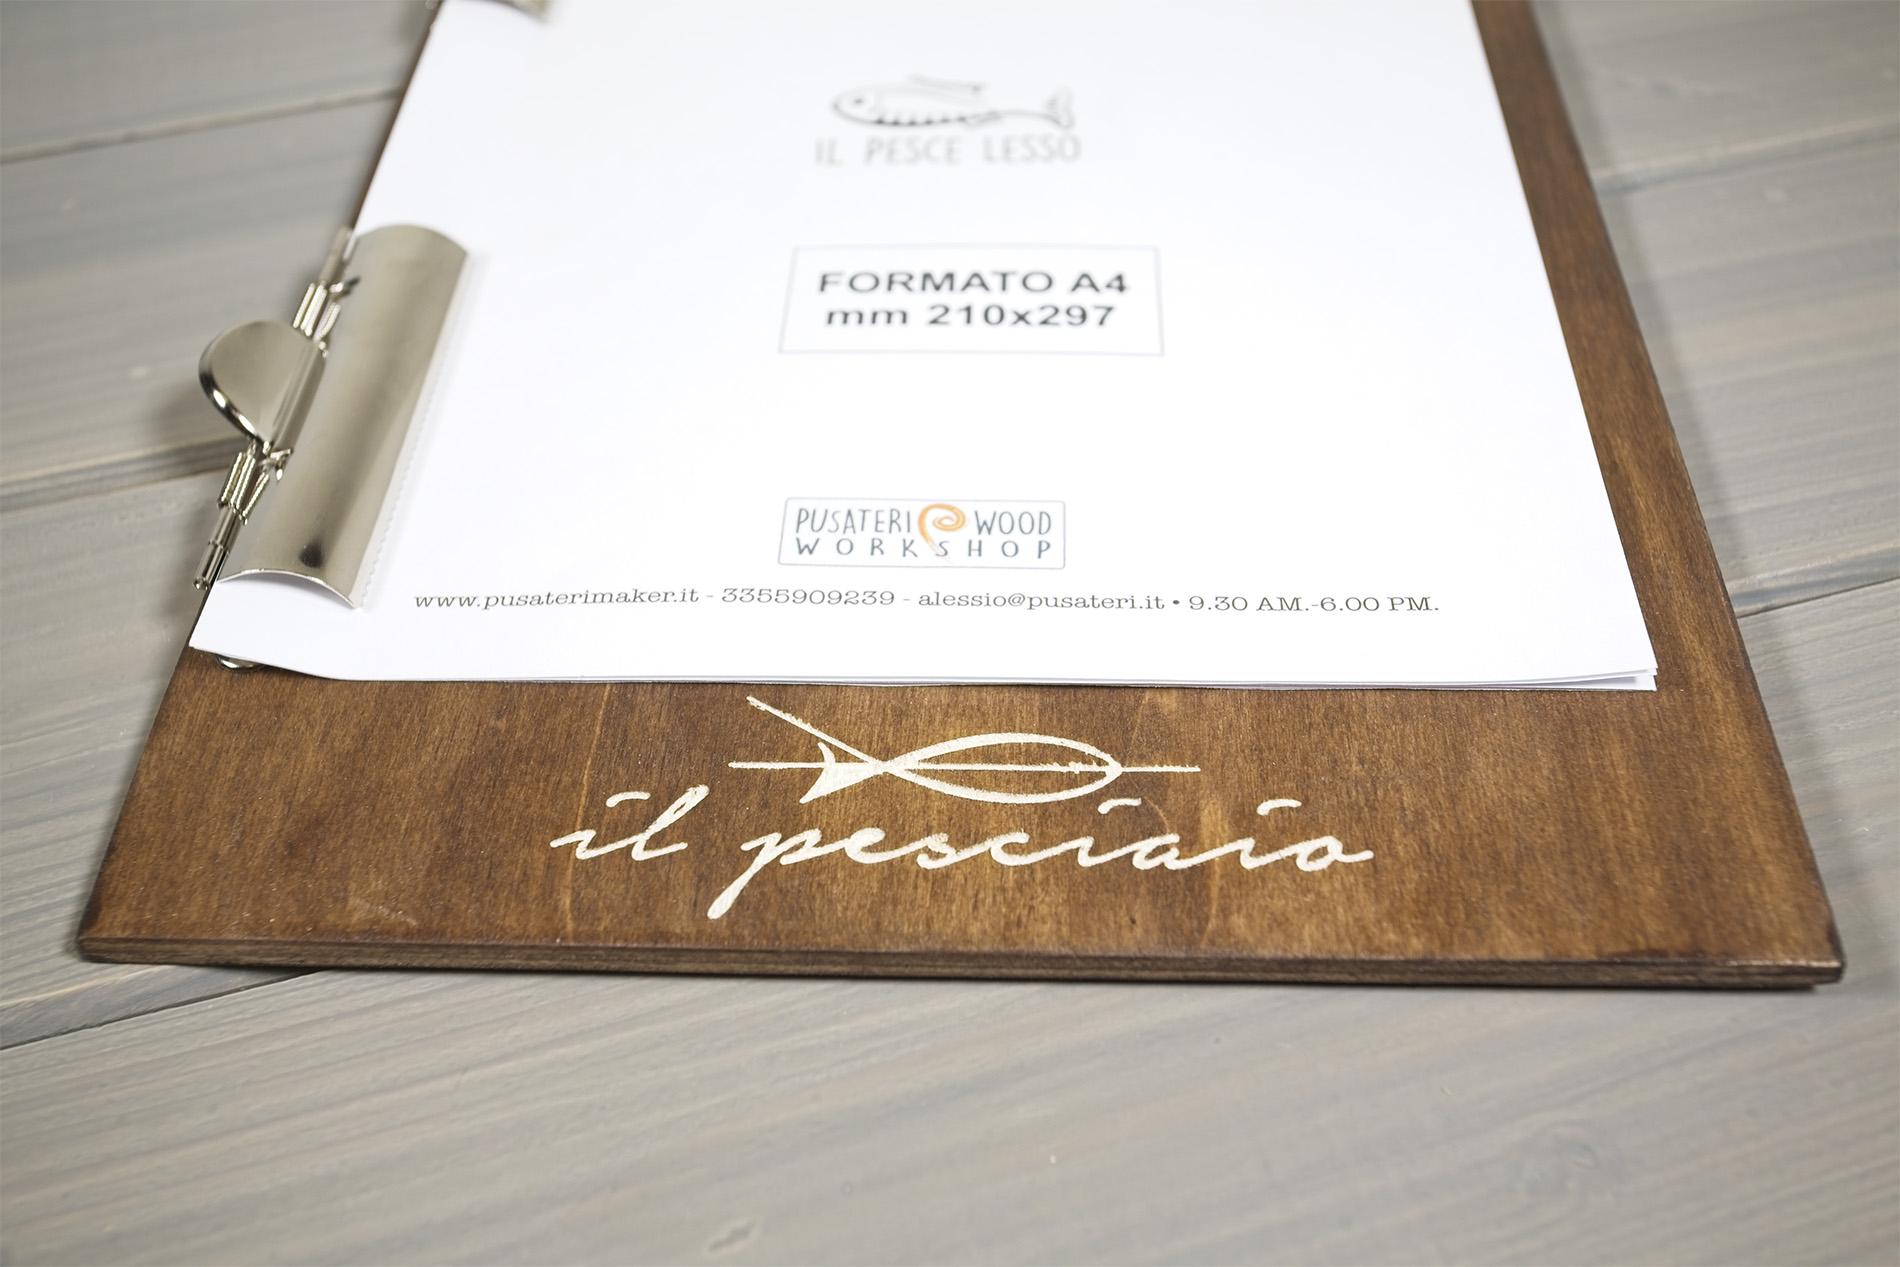 Palermo Portamenu A Doppia Pinza Deluxe